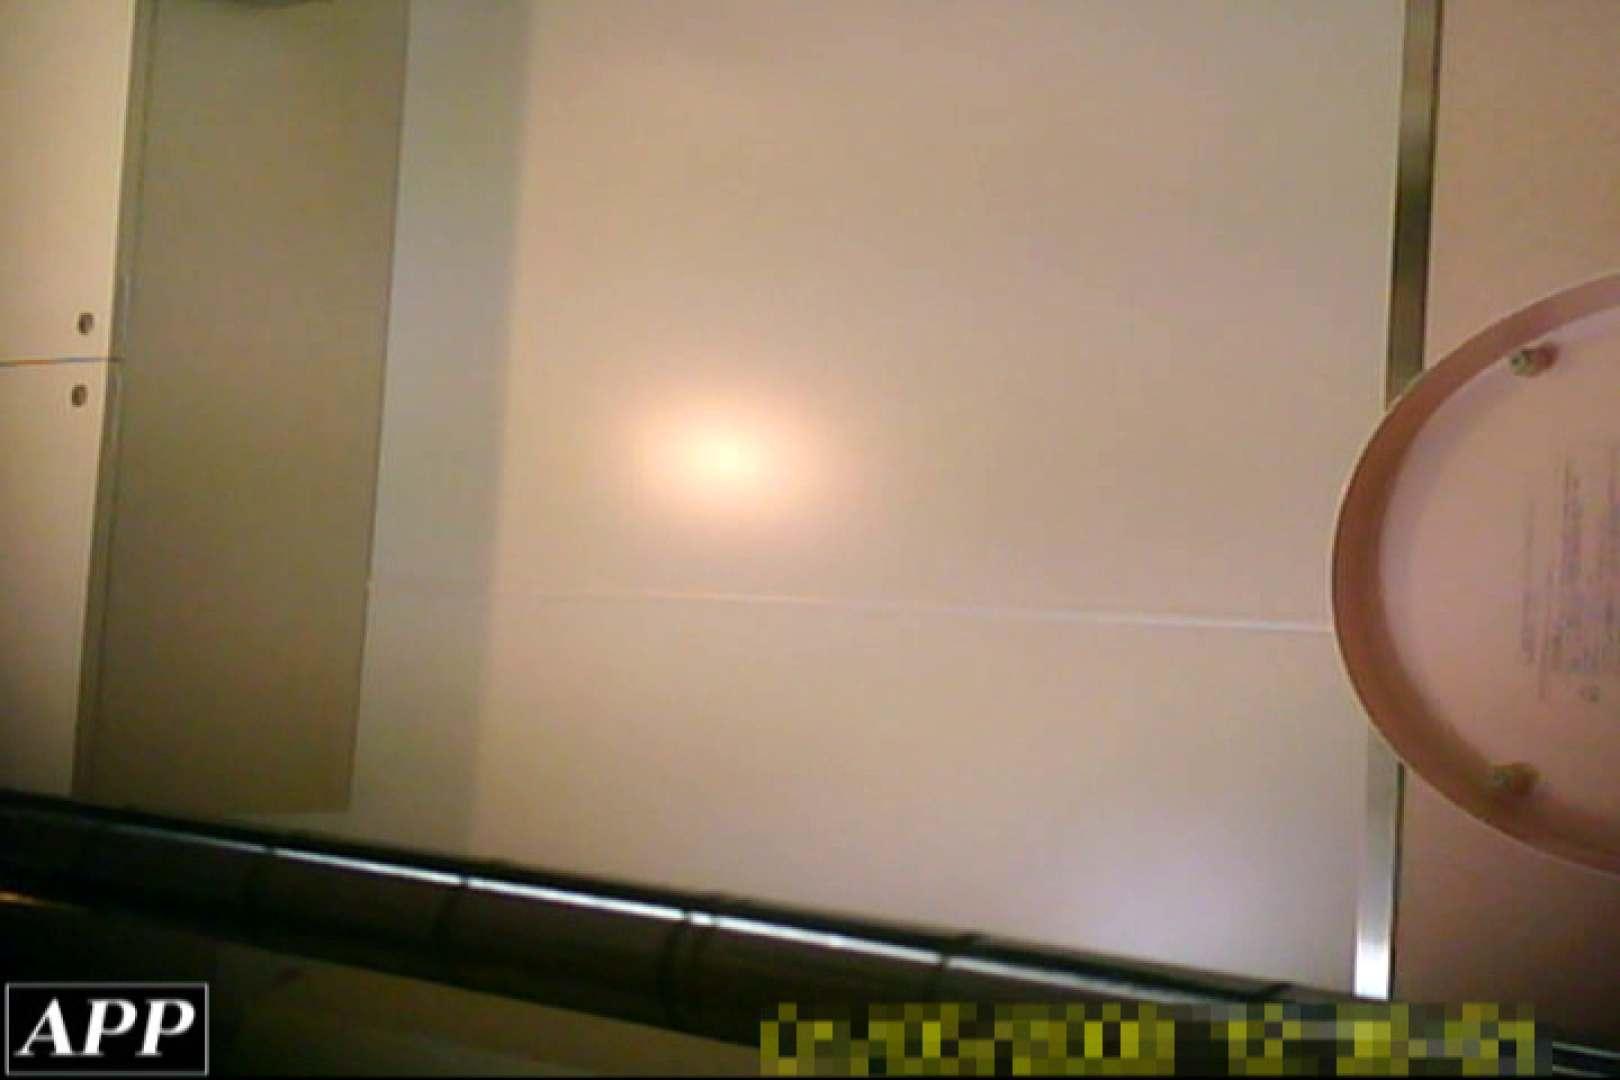 3視点洗面所 vol.64 オマンコギャル AV無料動画キャプチャ 42連発 16